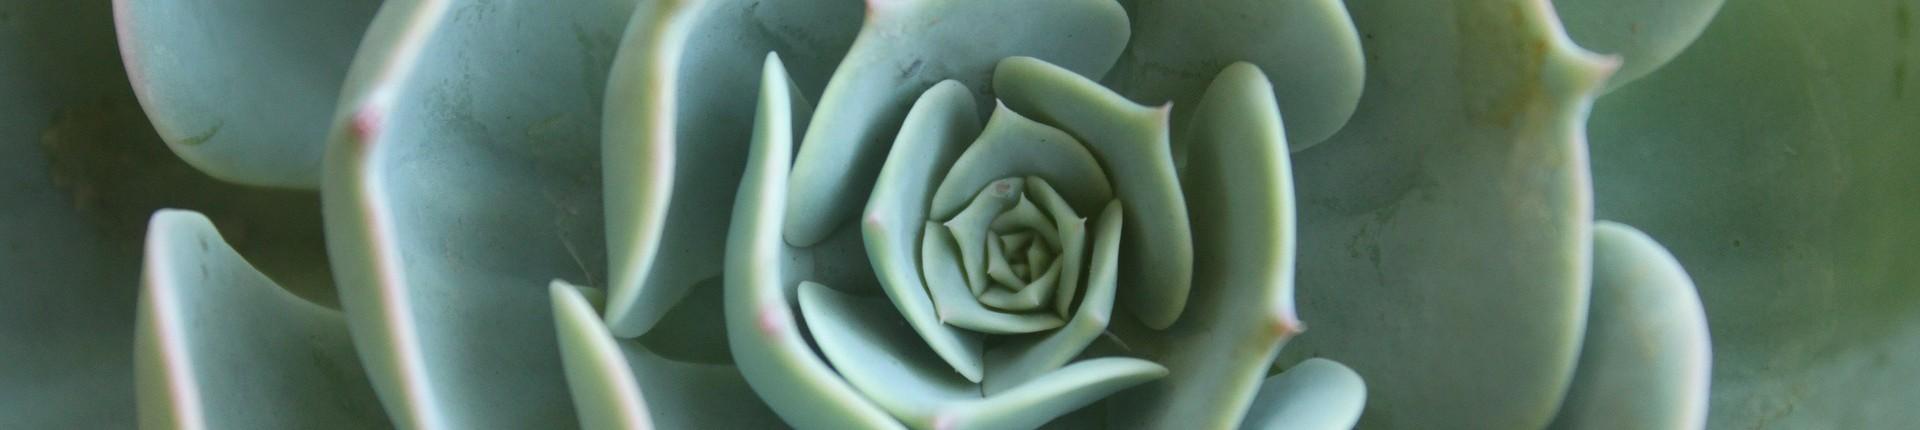 succulent-2763668_1920 (1)